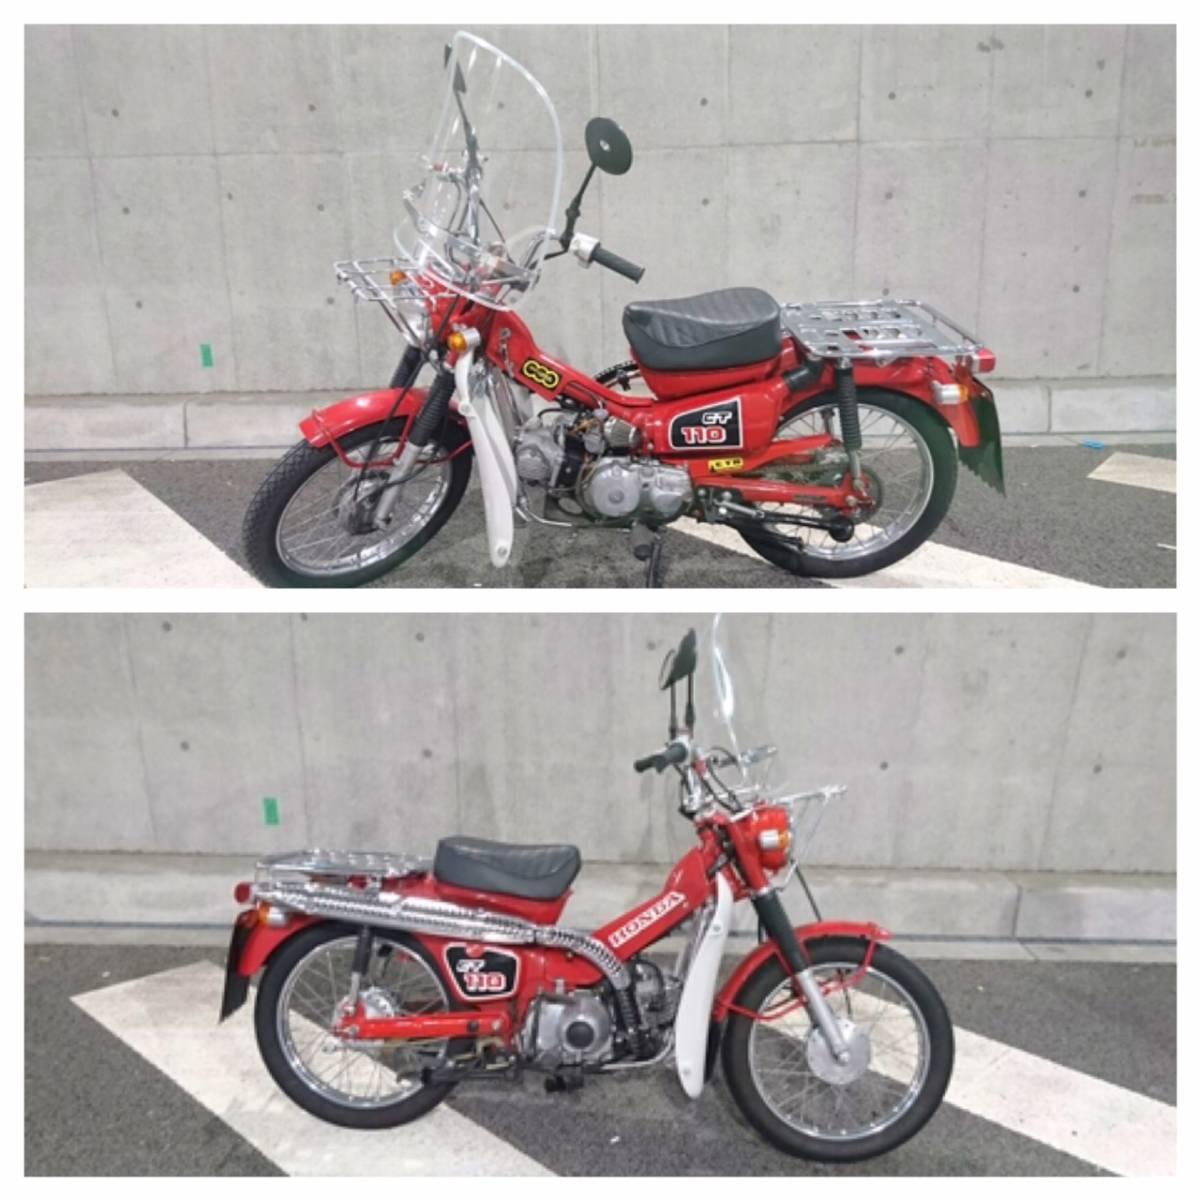 ハンターカブ 110 カスタム車 大阪 CT110_画像5